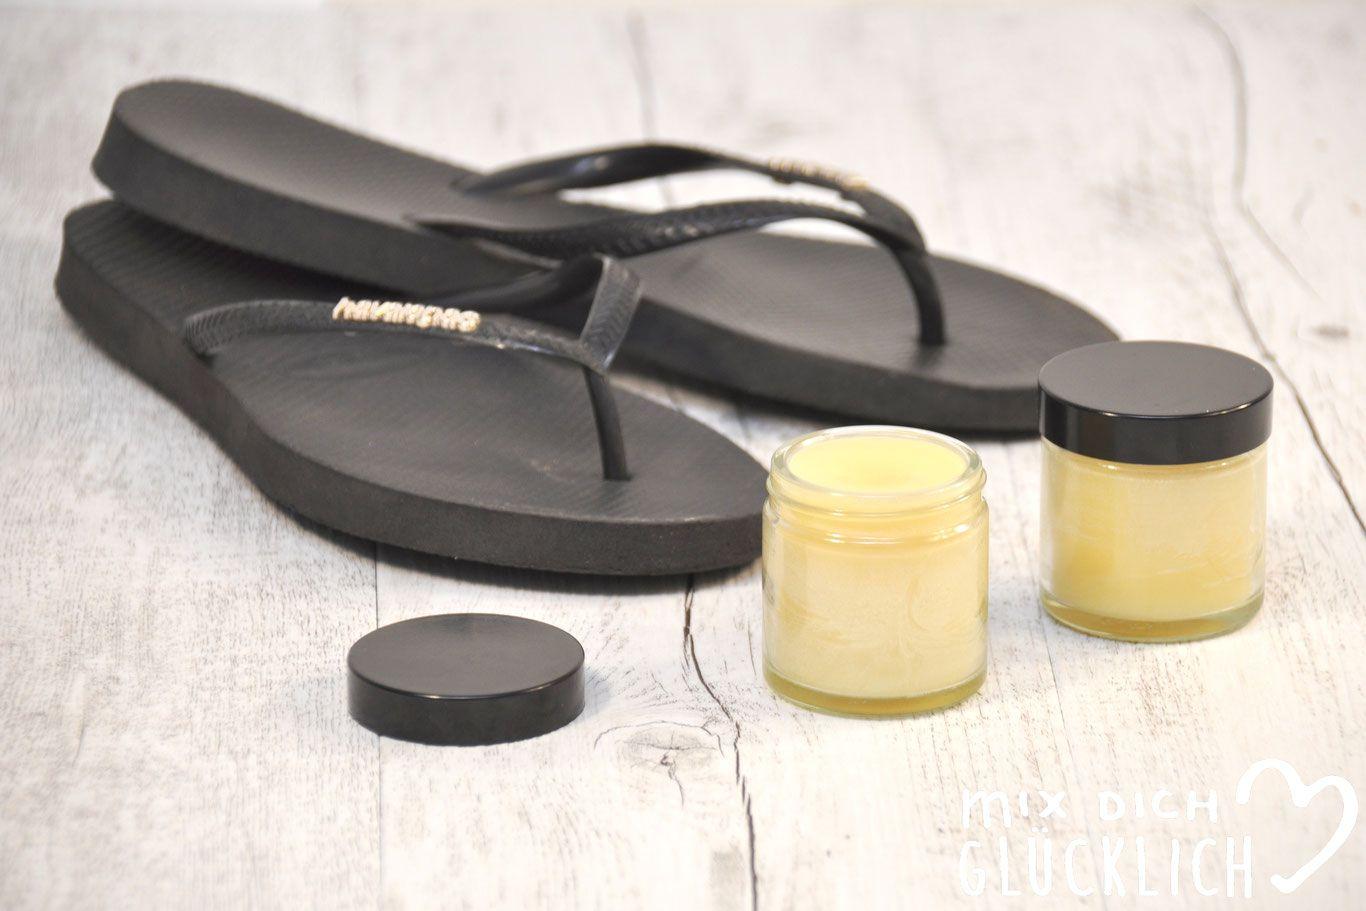 fu balsam sofort weiche f e thermomix sonstiges kosmetik selbstgemachte kosmetik und diy. Black Bedroom Furniture Sets. Home Design Ideas